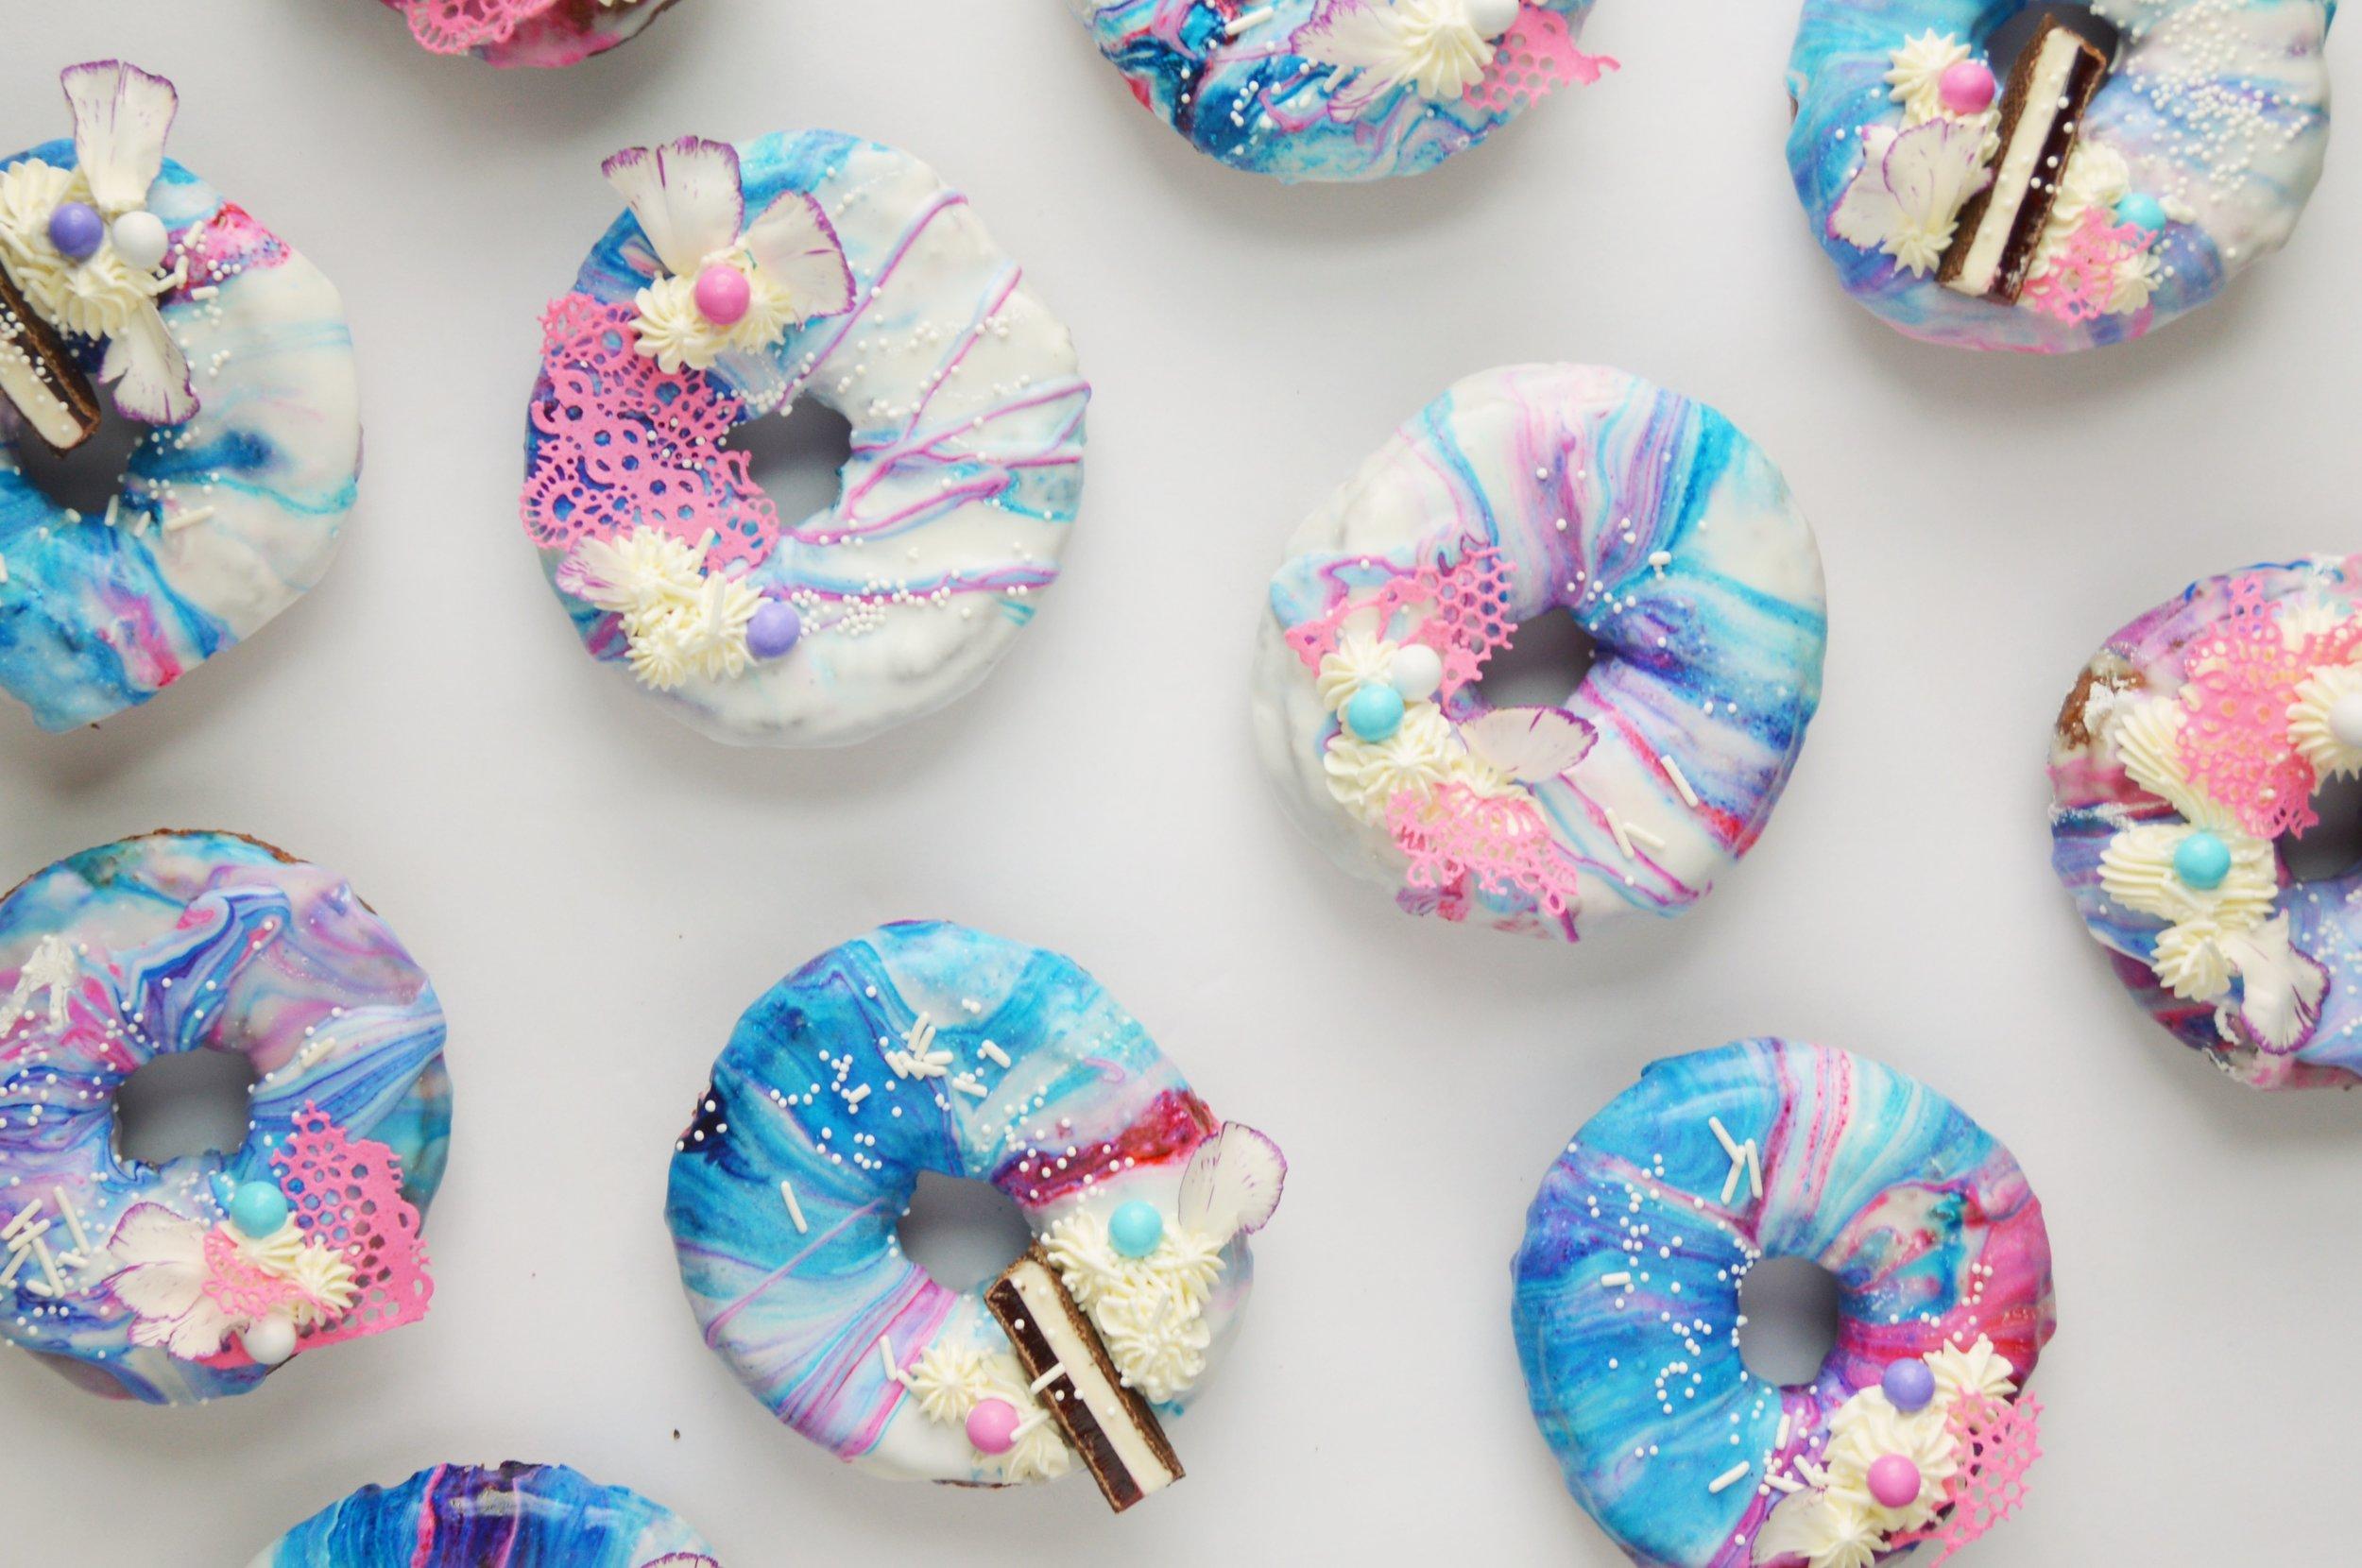 Drunken Donut Making & Private Shopping - join us for sips &snacks, making &shopping